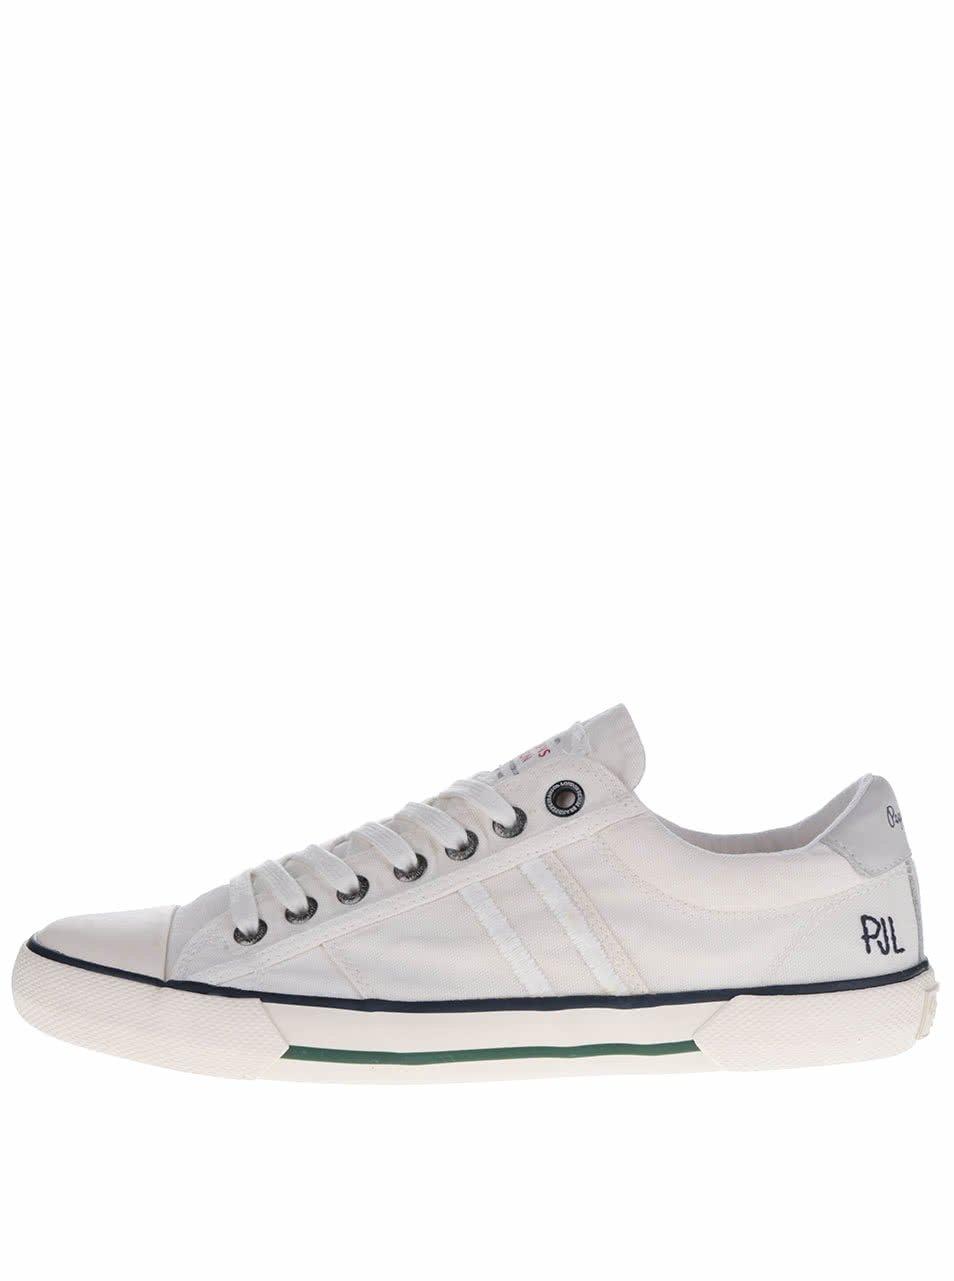 Bílé pánské tenisky s pruhy Pepe Jeans Serthi Washed